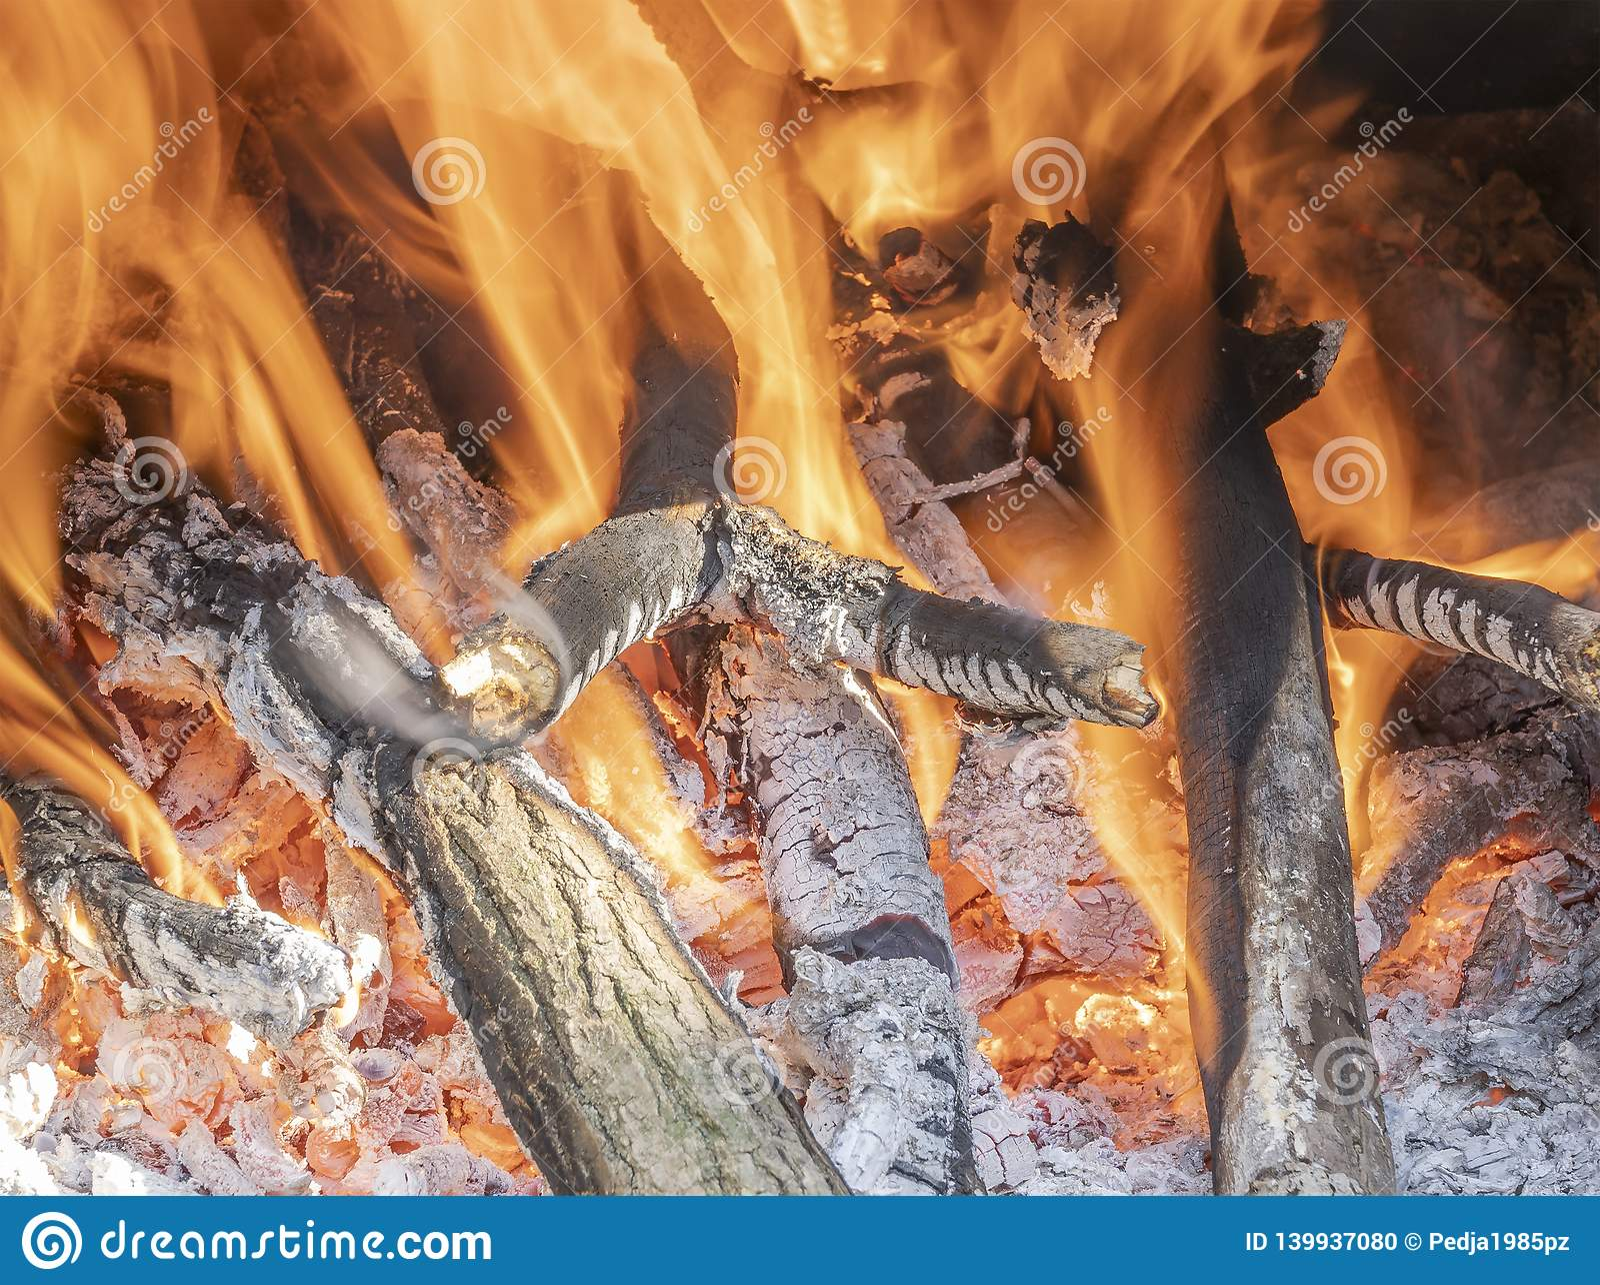 Płonący ogień w grabie w domu